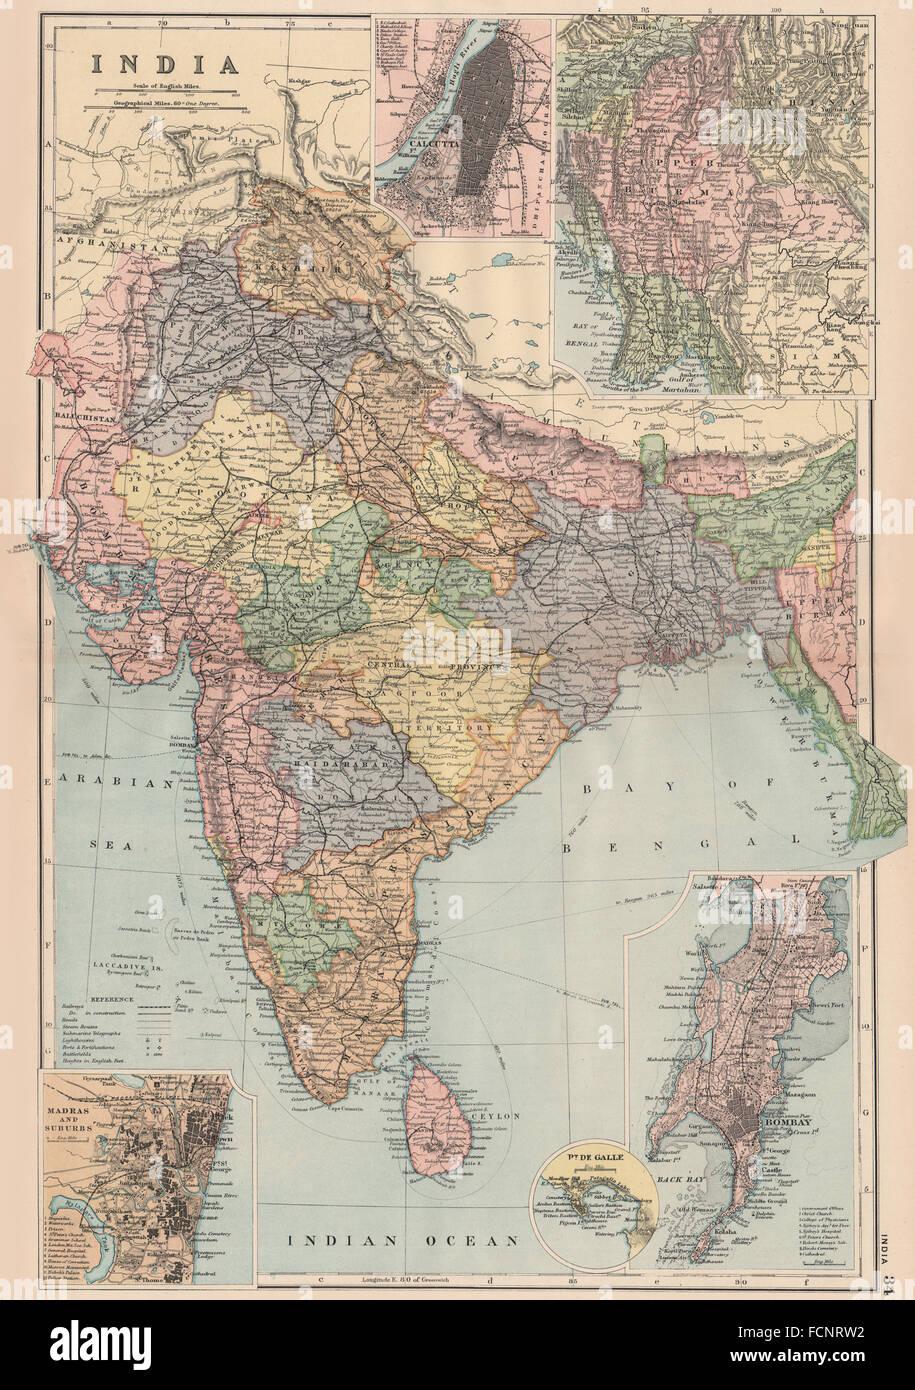 BRITISH INDIA:Calcutta(Kolkata)Burma Stock Photo: 93907438 - Alamy on new town kolkata map, bombay calcutta on a map, bengali calcutta map, kolkata west bengal on a map, asia calcutta map, kolkata calcutta diagram, india calcutta map,